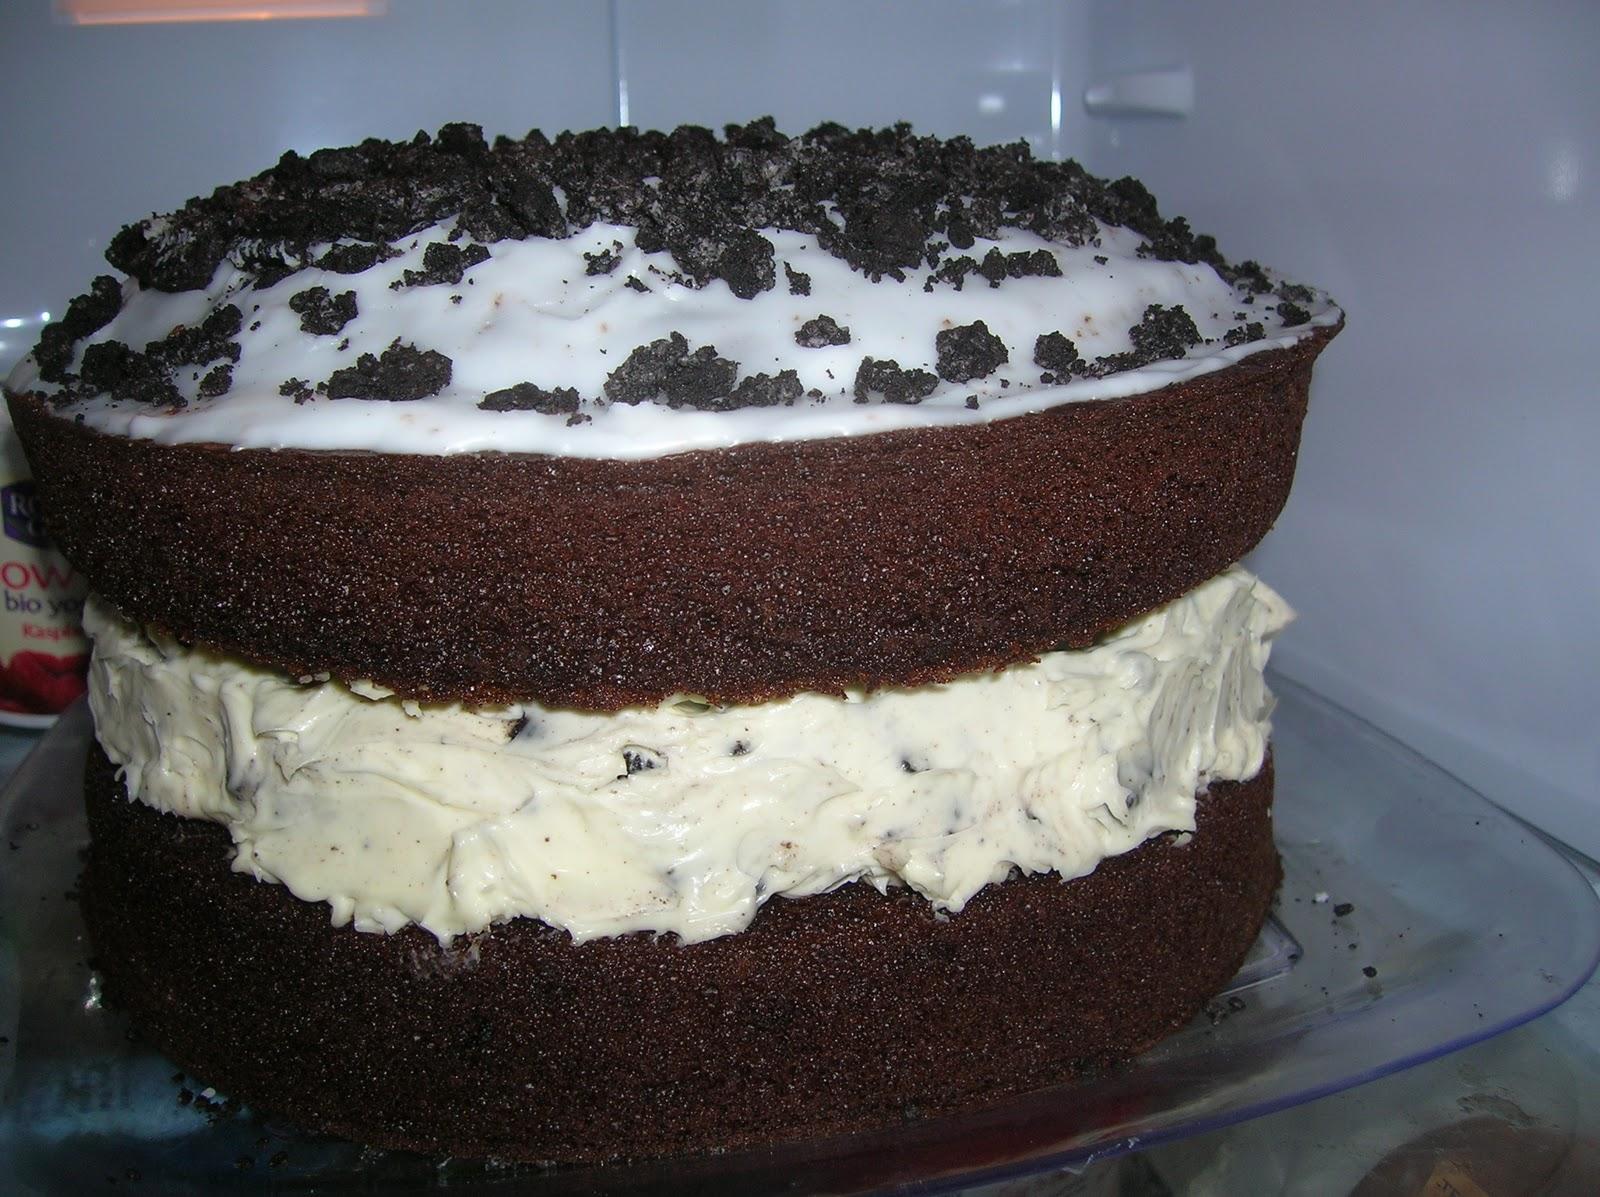 Naufy's Signature Giant Oreo Cookie Cake | Baking Naufy